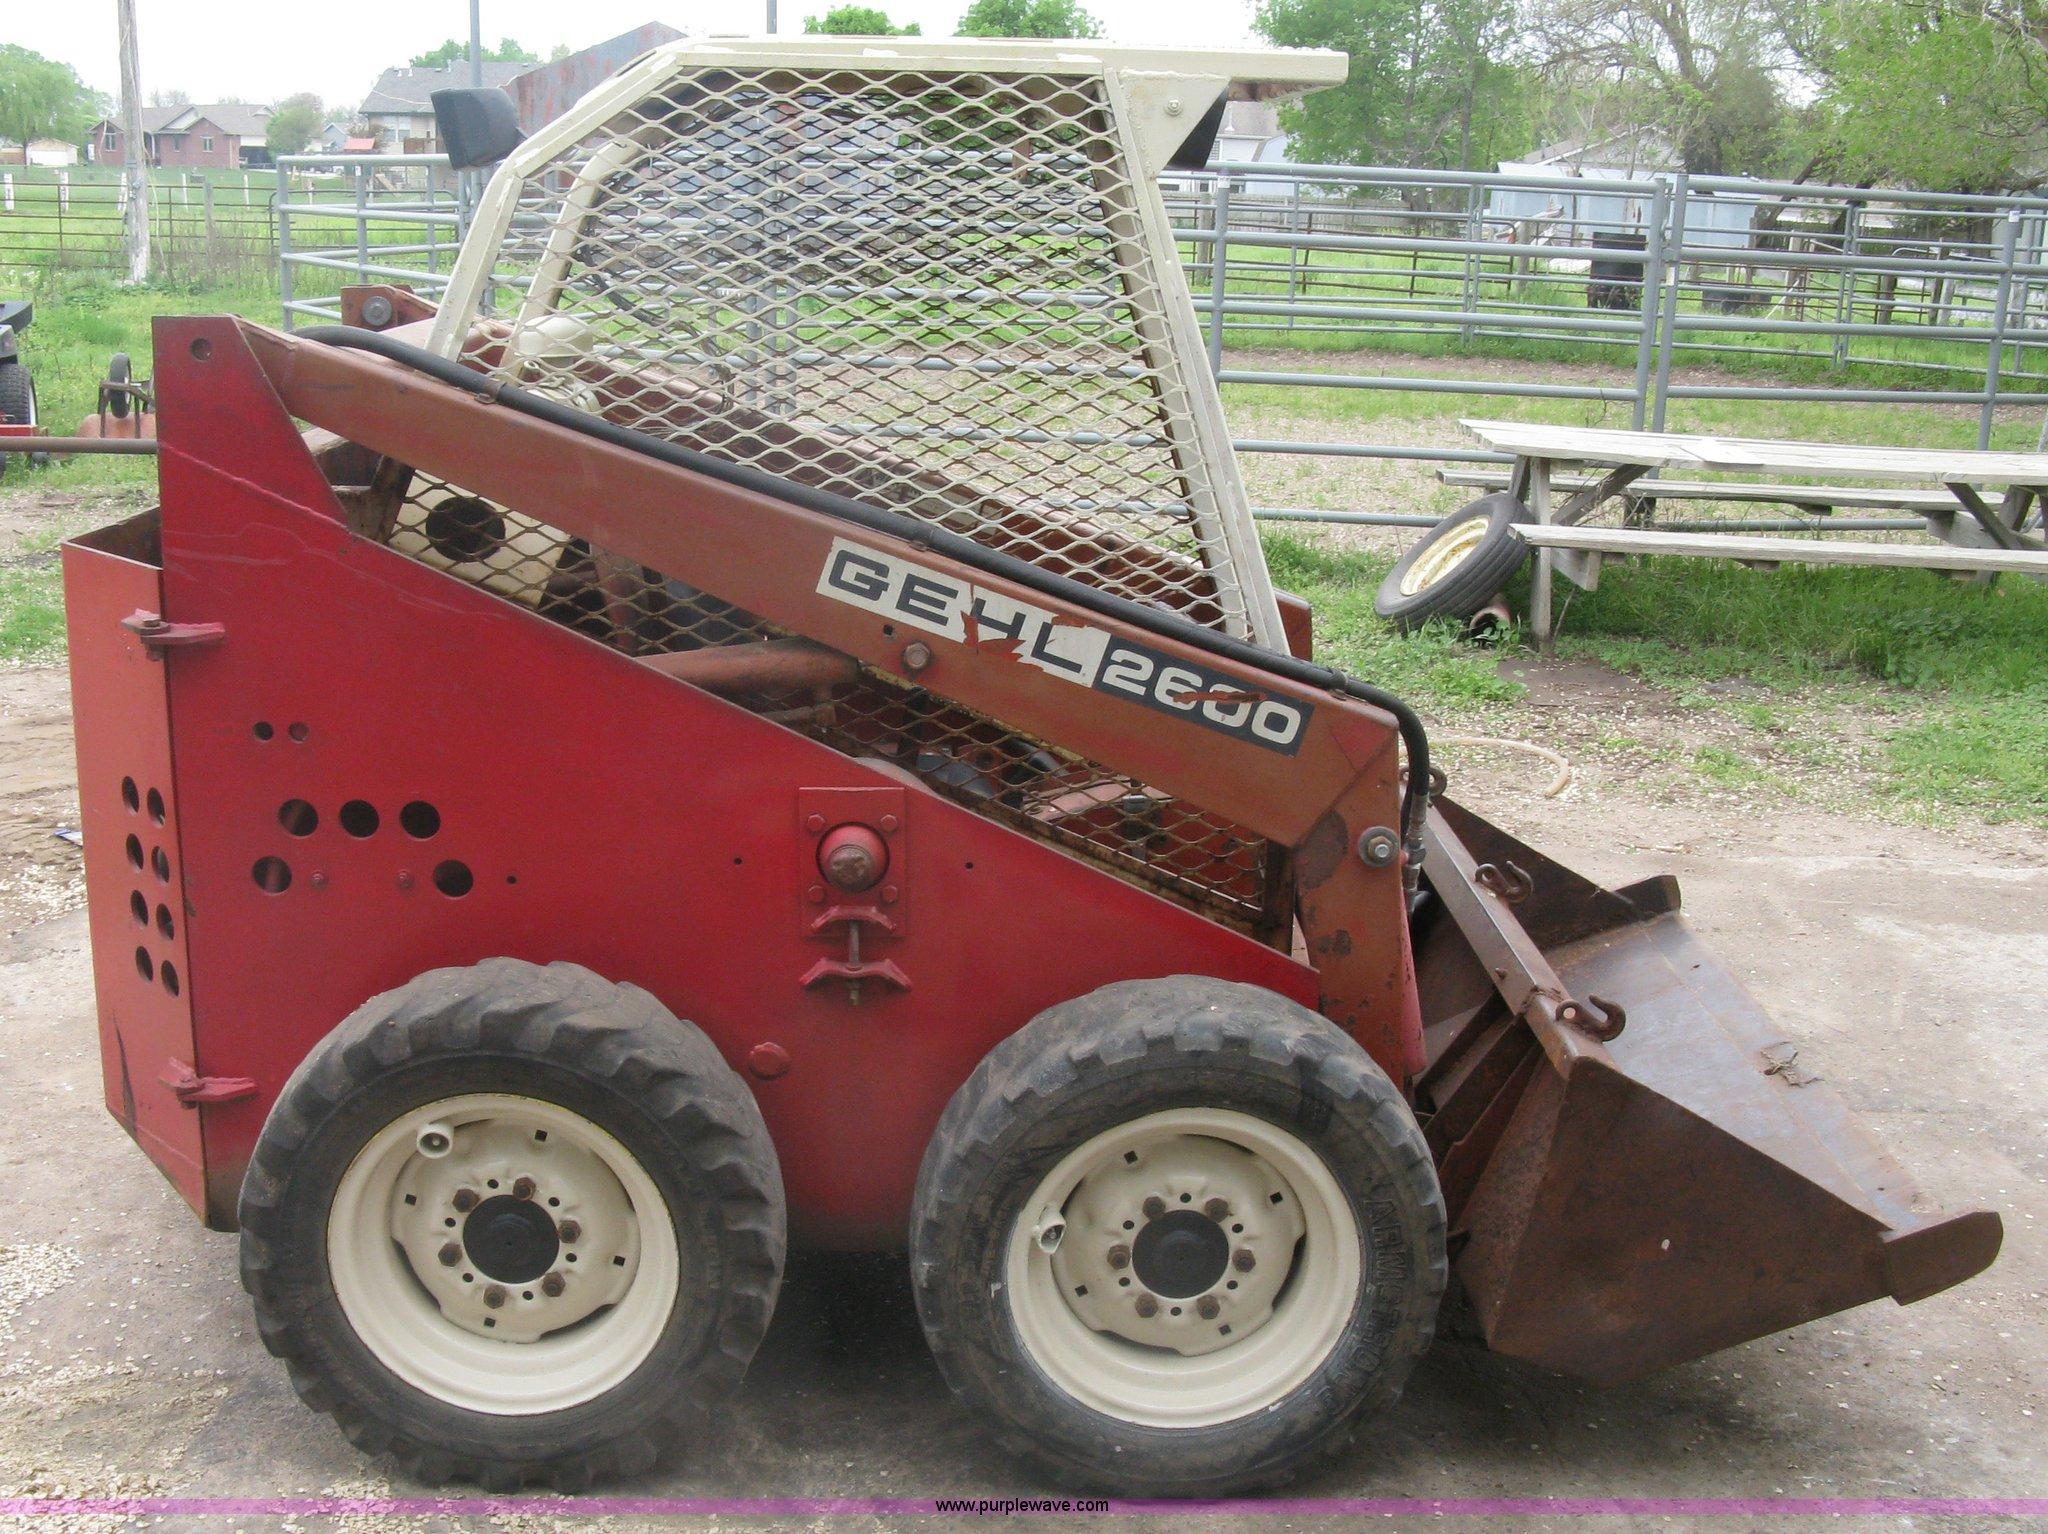 Gehl 2600 skid steer | Item A6183 | SOLD! April 25 Ag Equipm